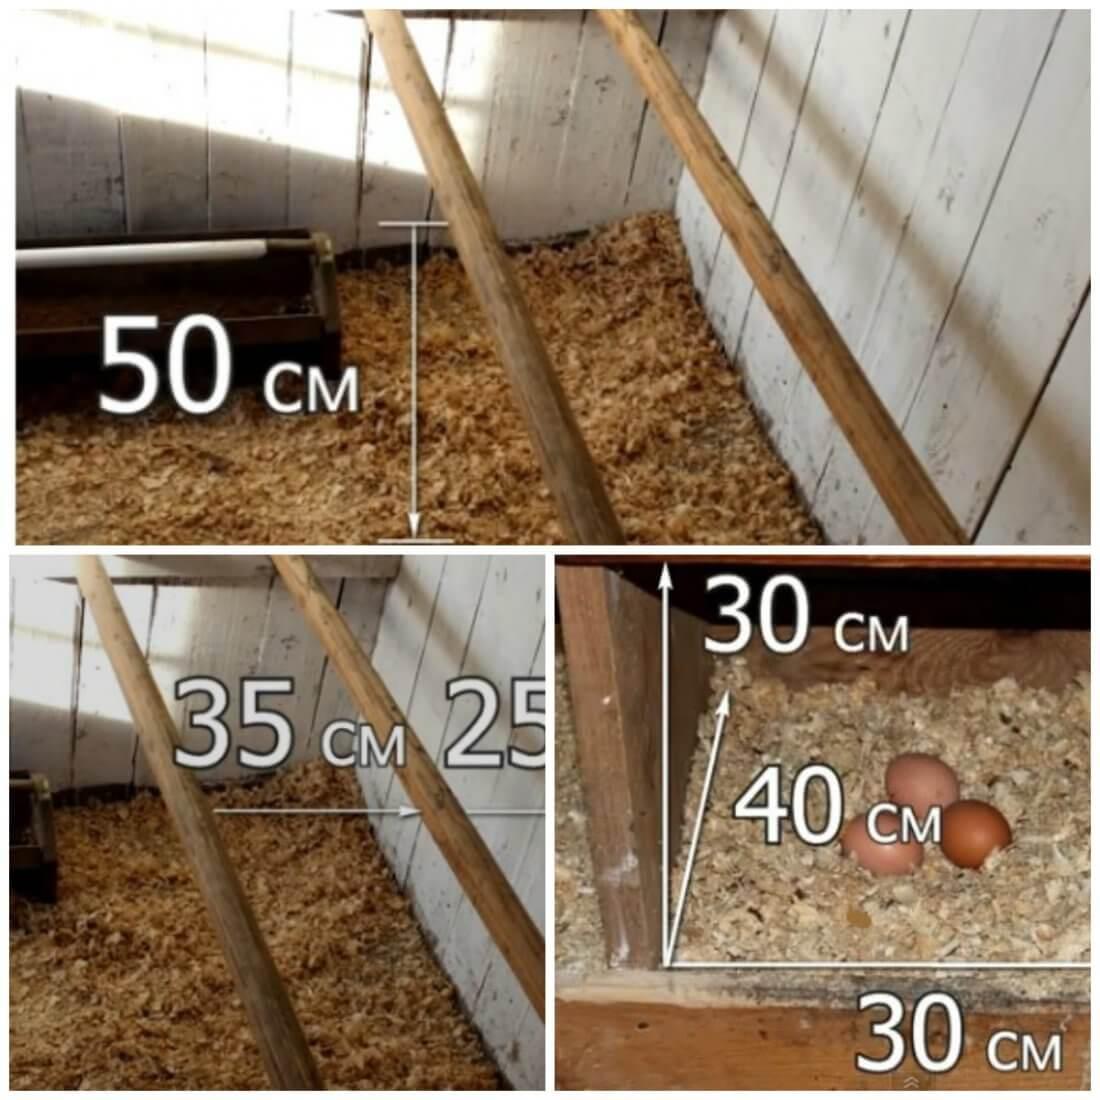 Размеры насеста и гнезда